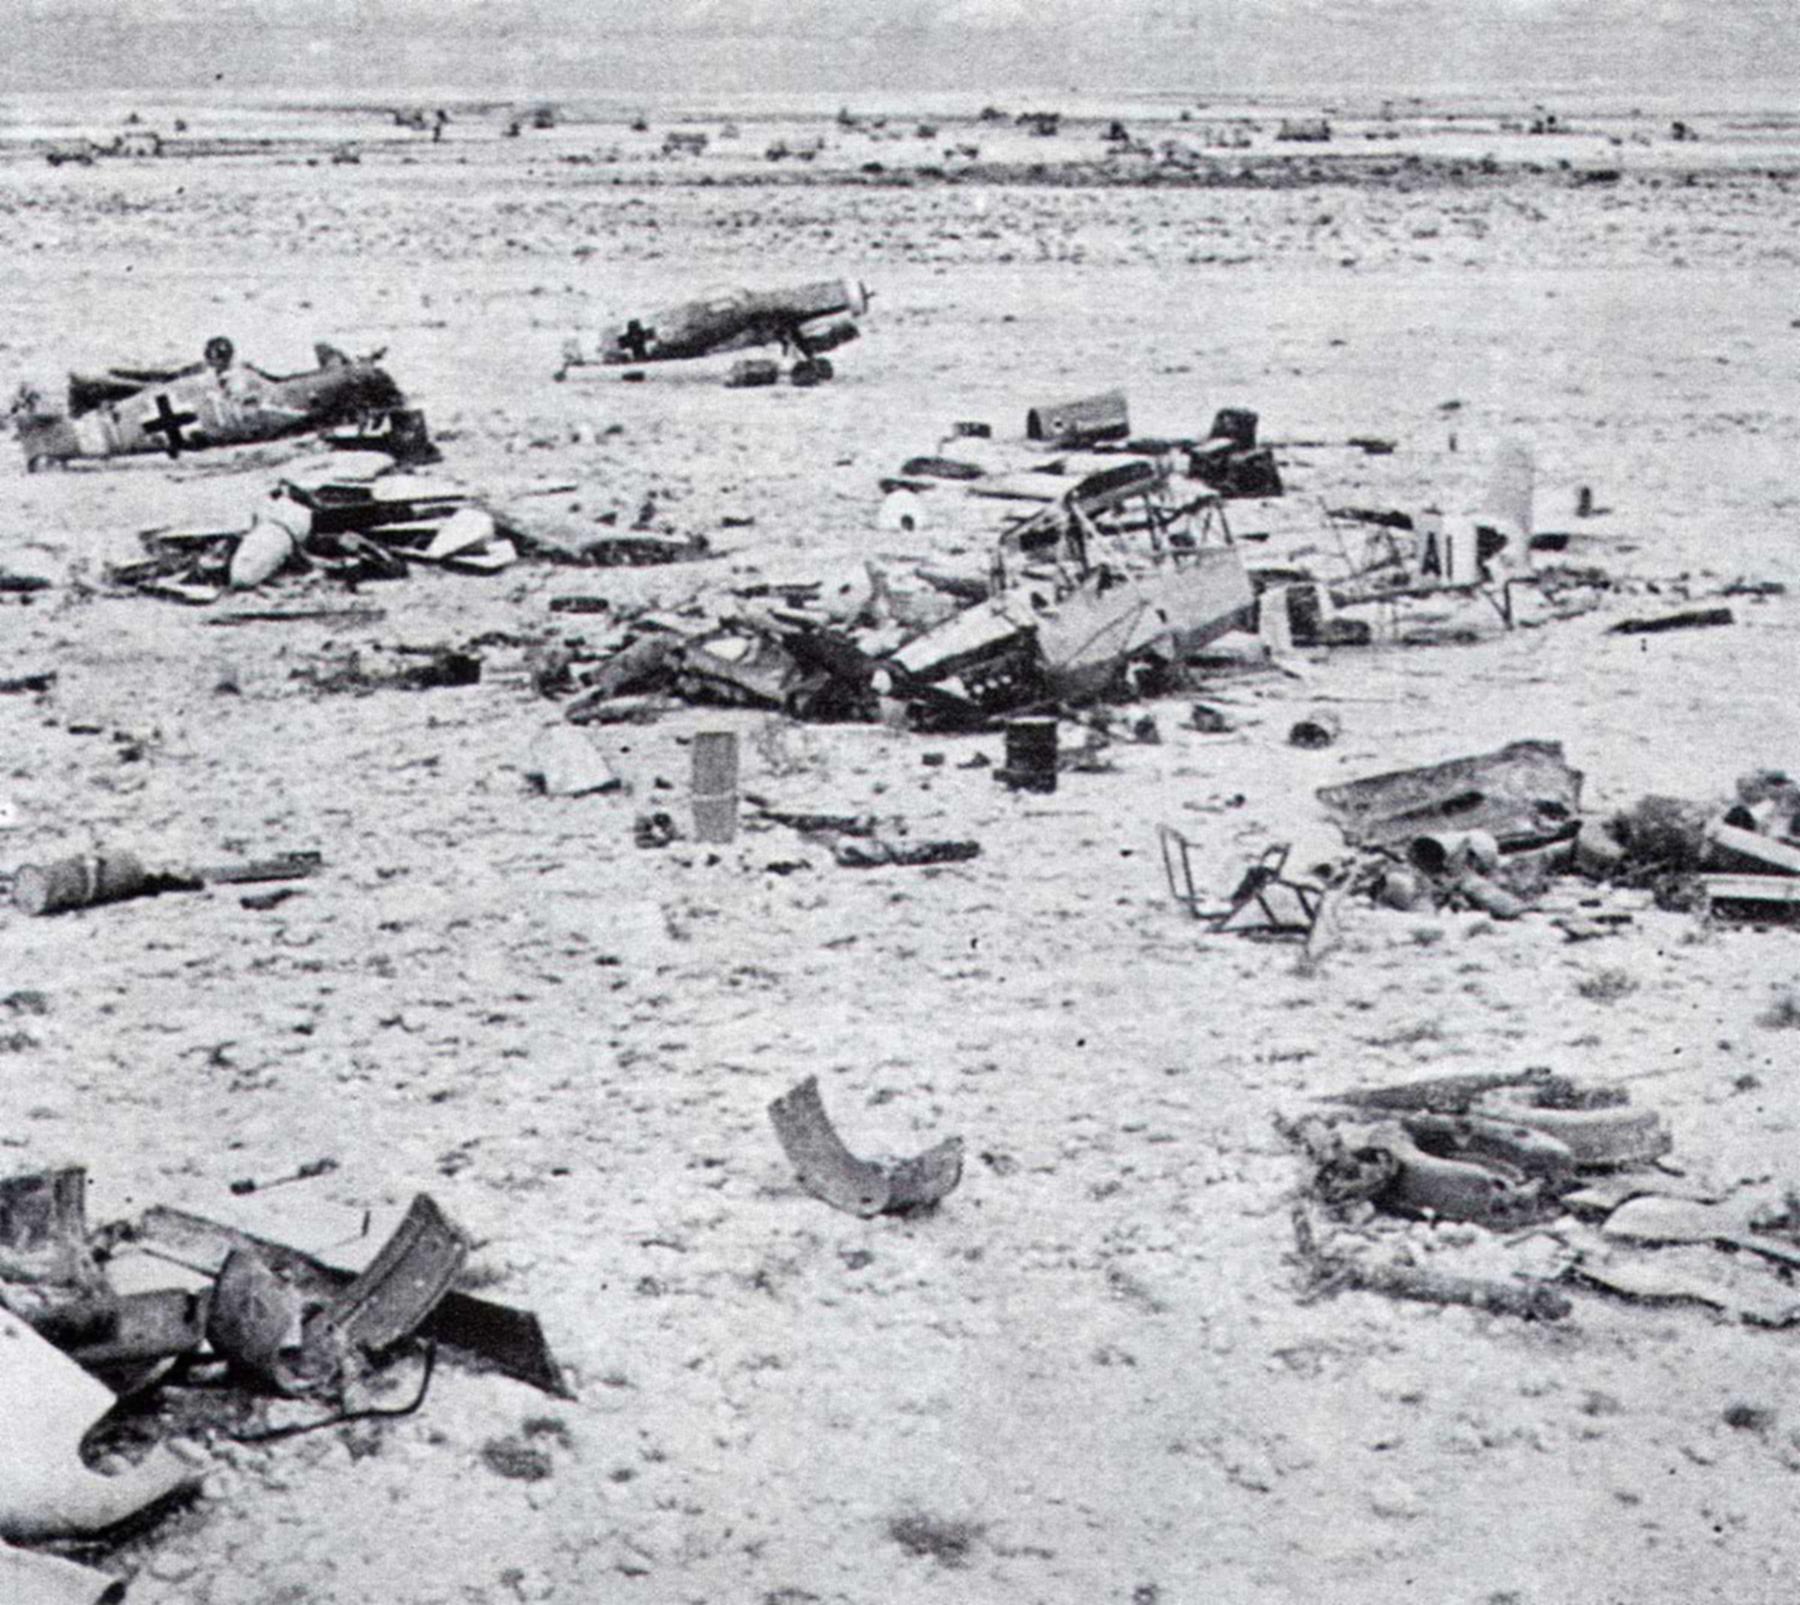 Messerschmitt Bf 109F4Trop abandoned airframes mostly from JG27 Gambut Libya 1942 05